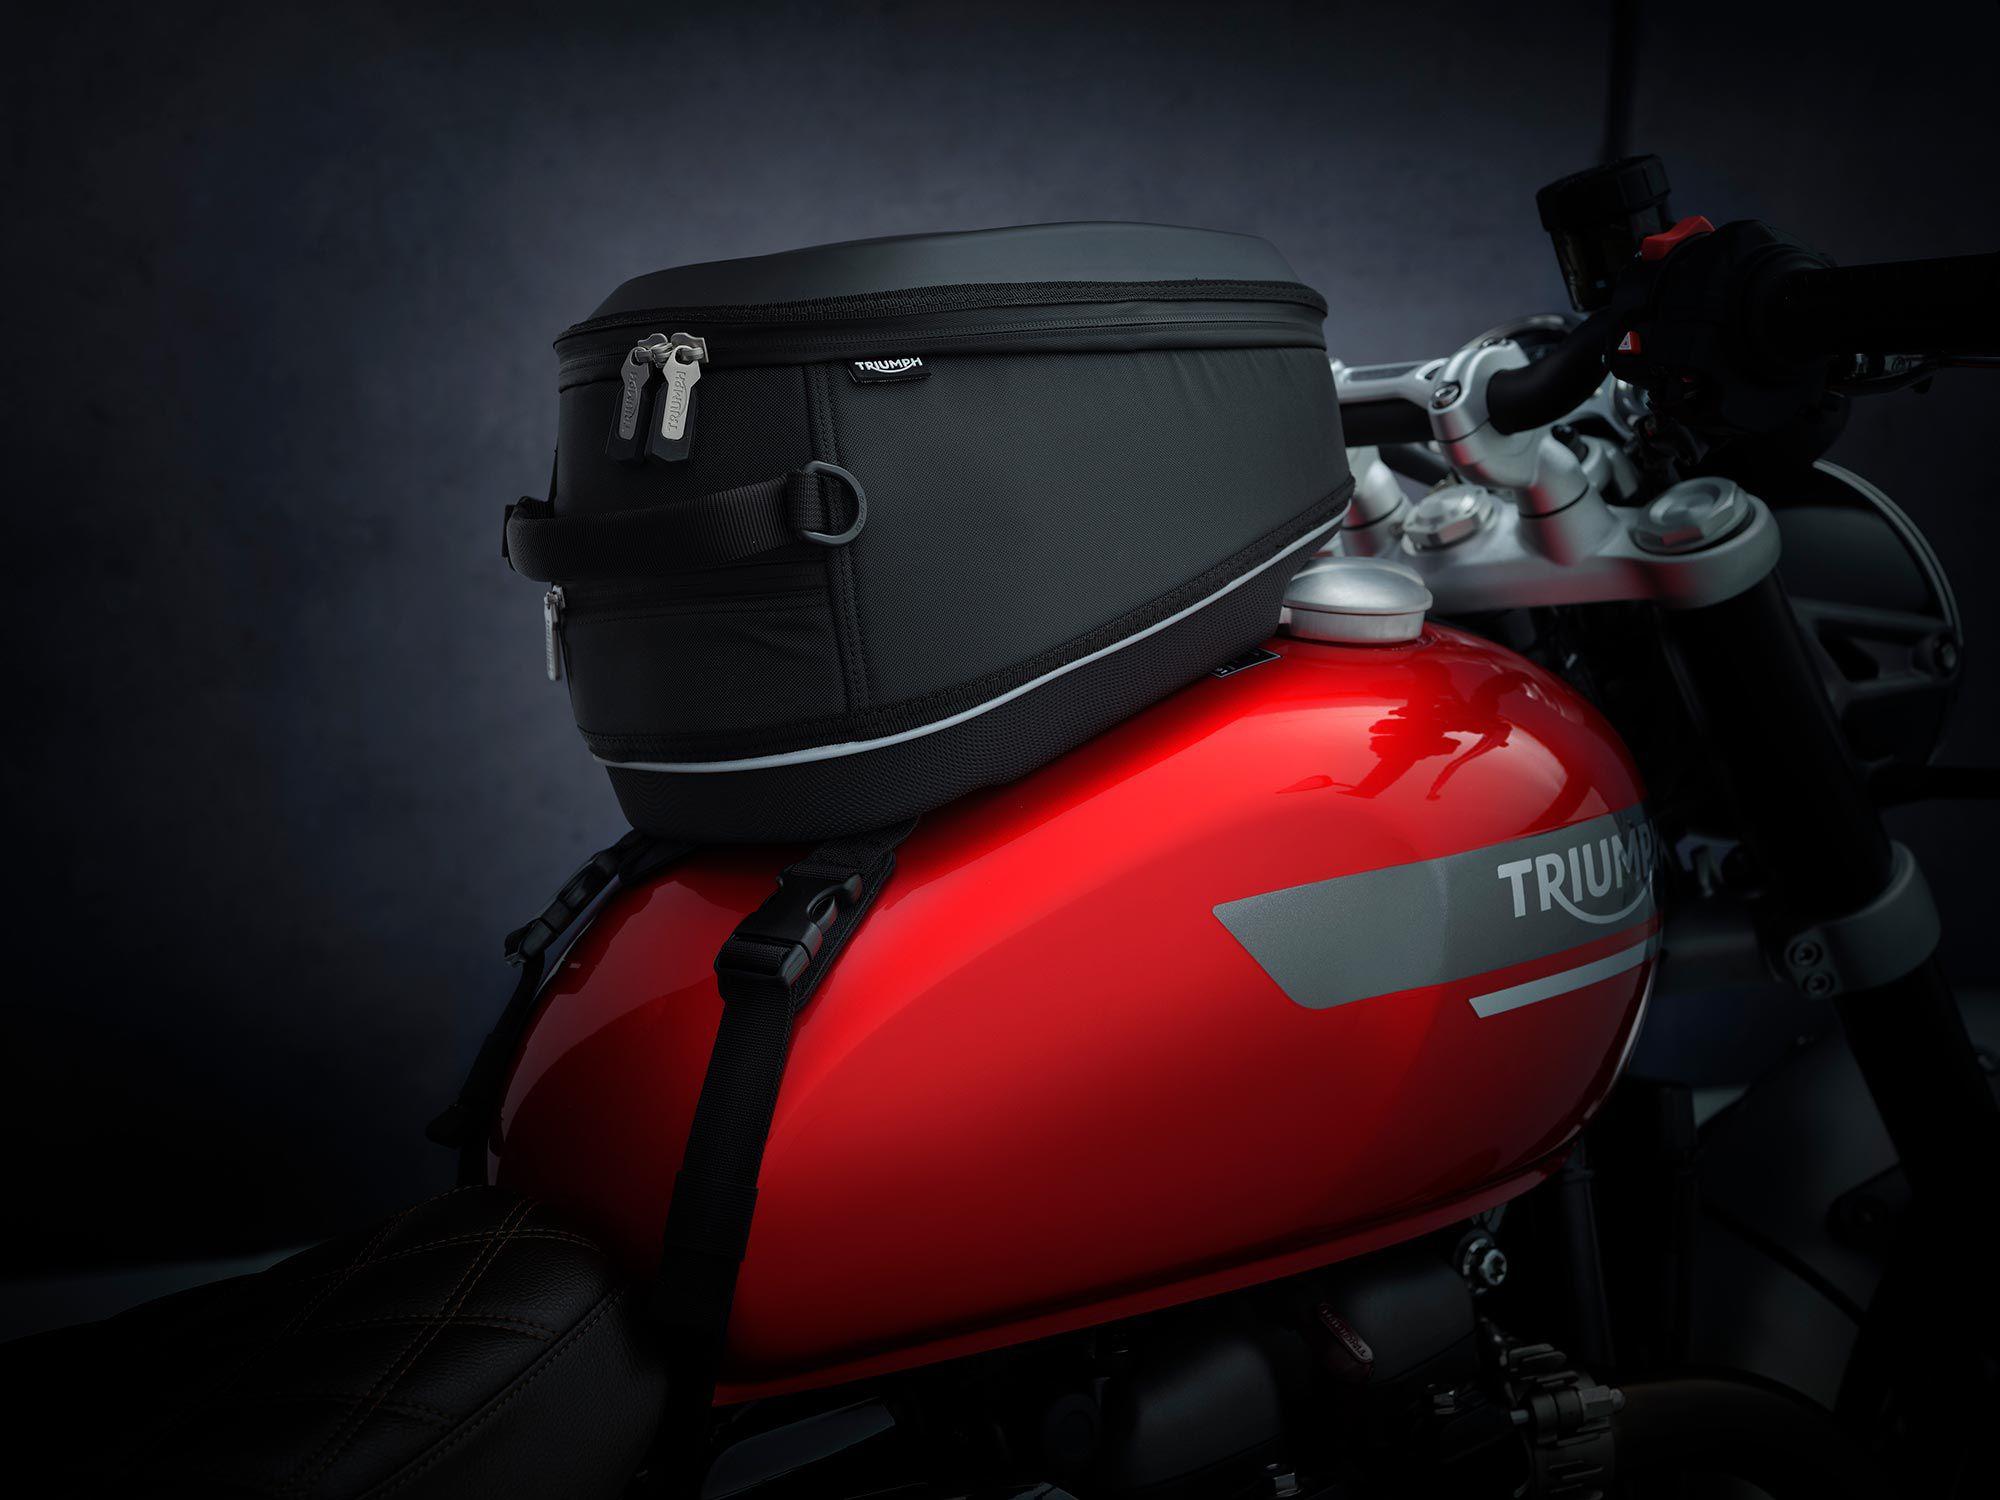 Accessoires, zoals deze tanktas, zijn direct beschikbaar.  Getoond wordt de nieuwe Red Hopper-colorway voor 2022.